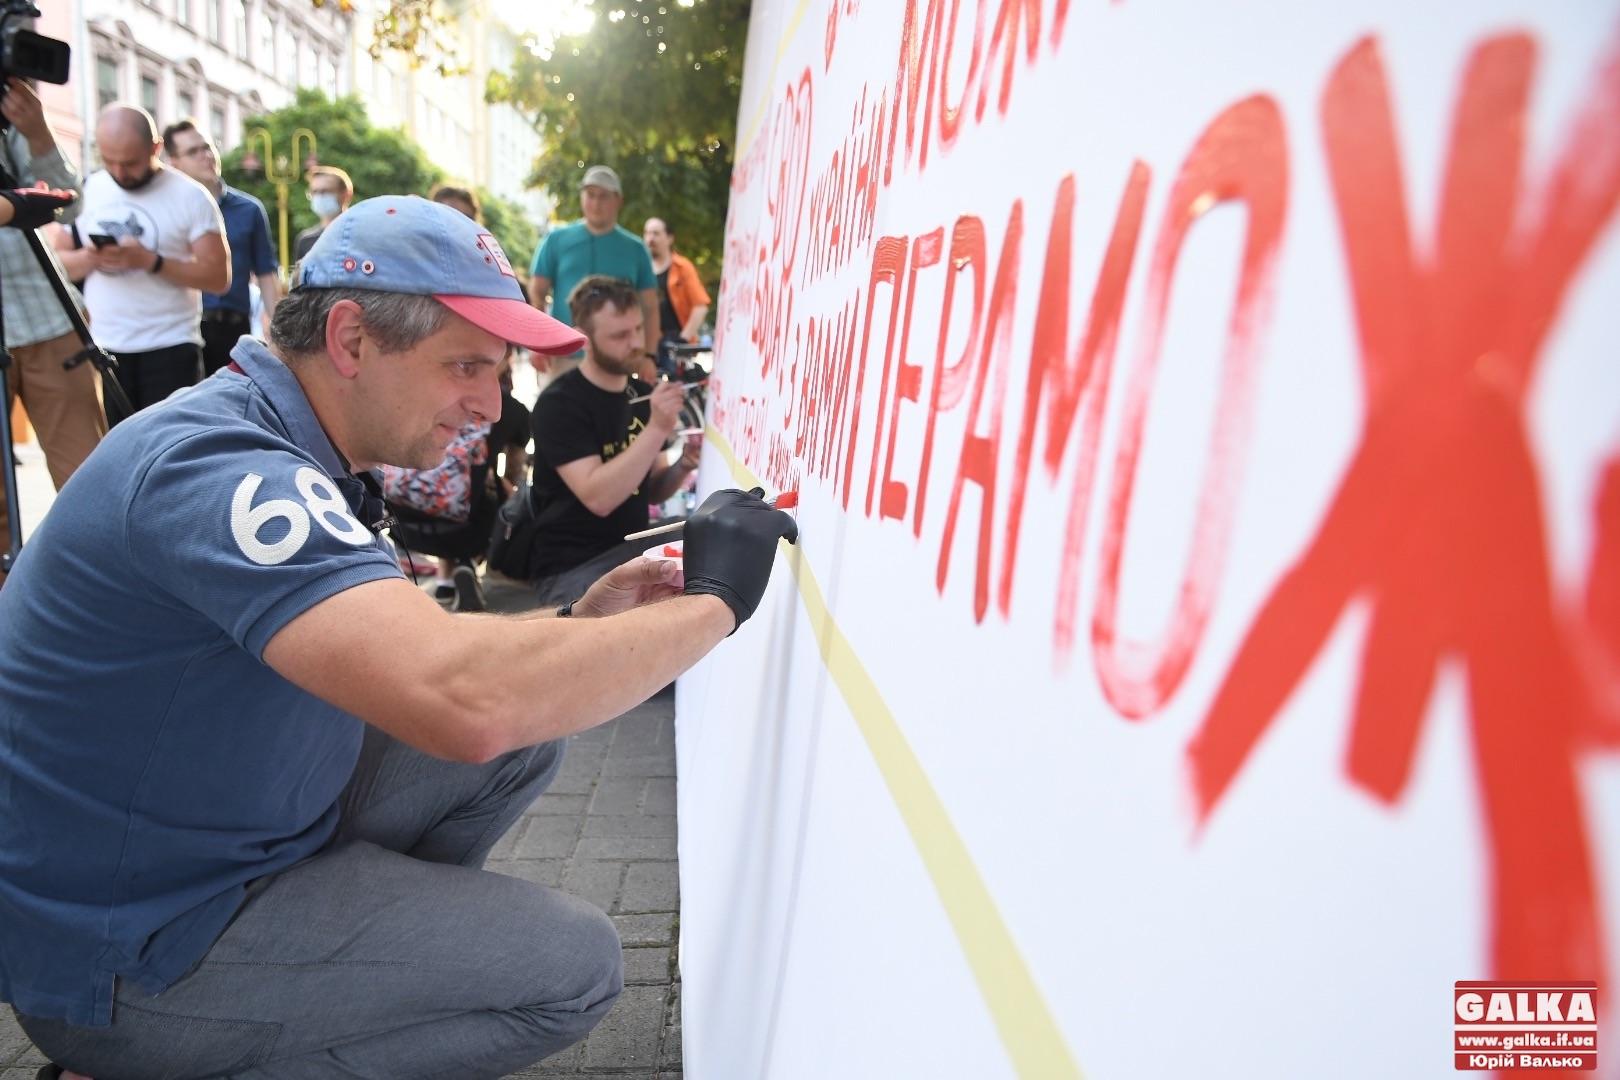 Десятки франківців підтримали протестувальників у Білорусі (ФОТО)